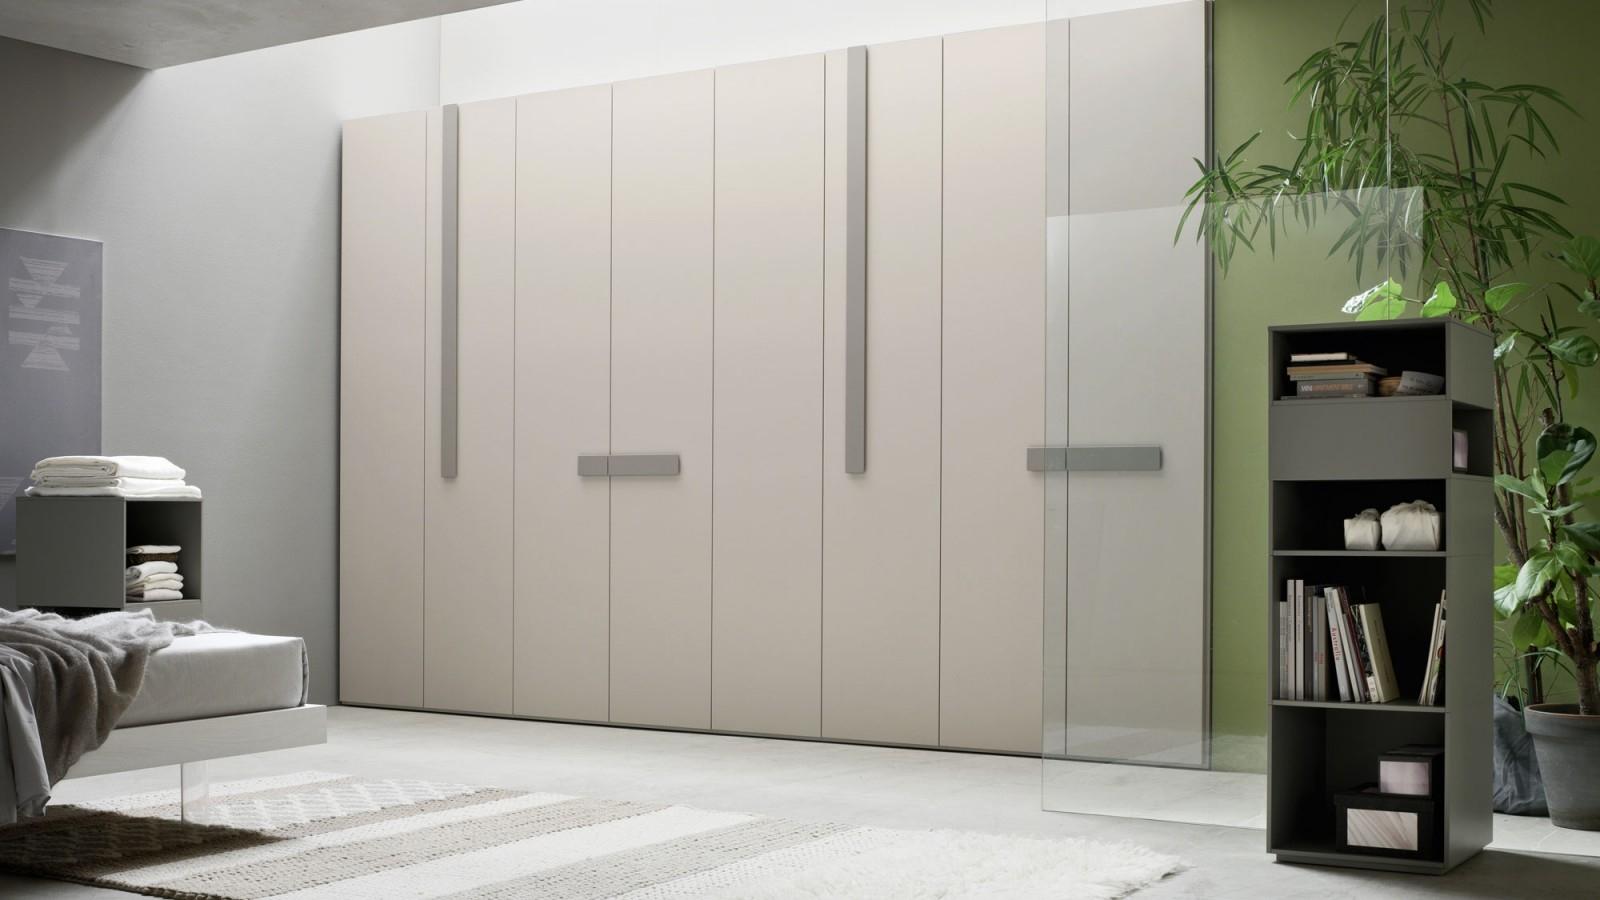 armadio orme armadio lungo 4.025 battente design laccato opaco ... - Costruito Nel Design Armadio